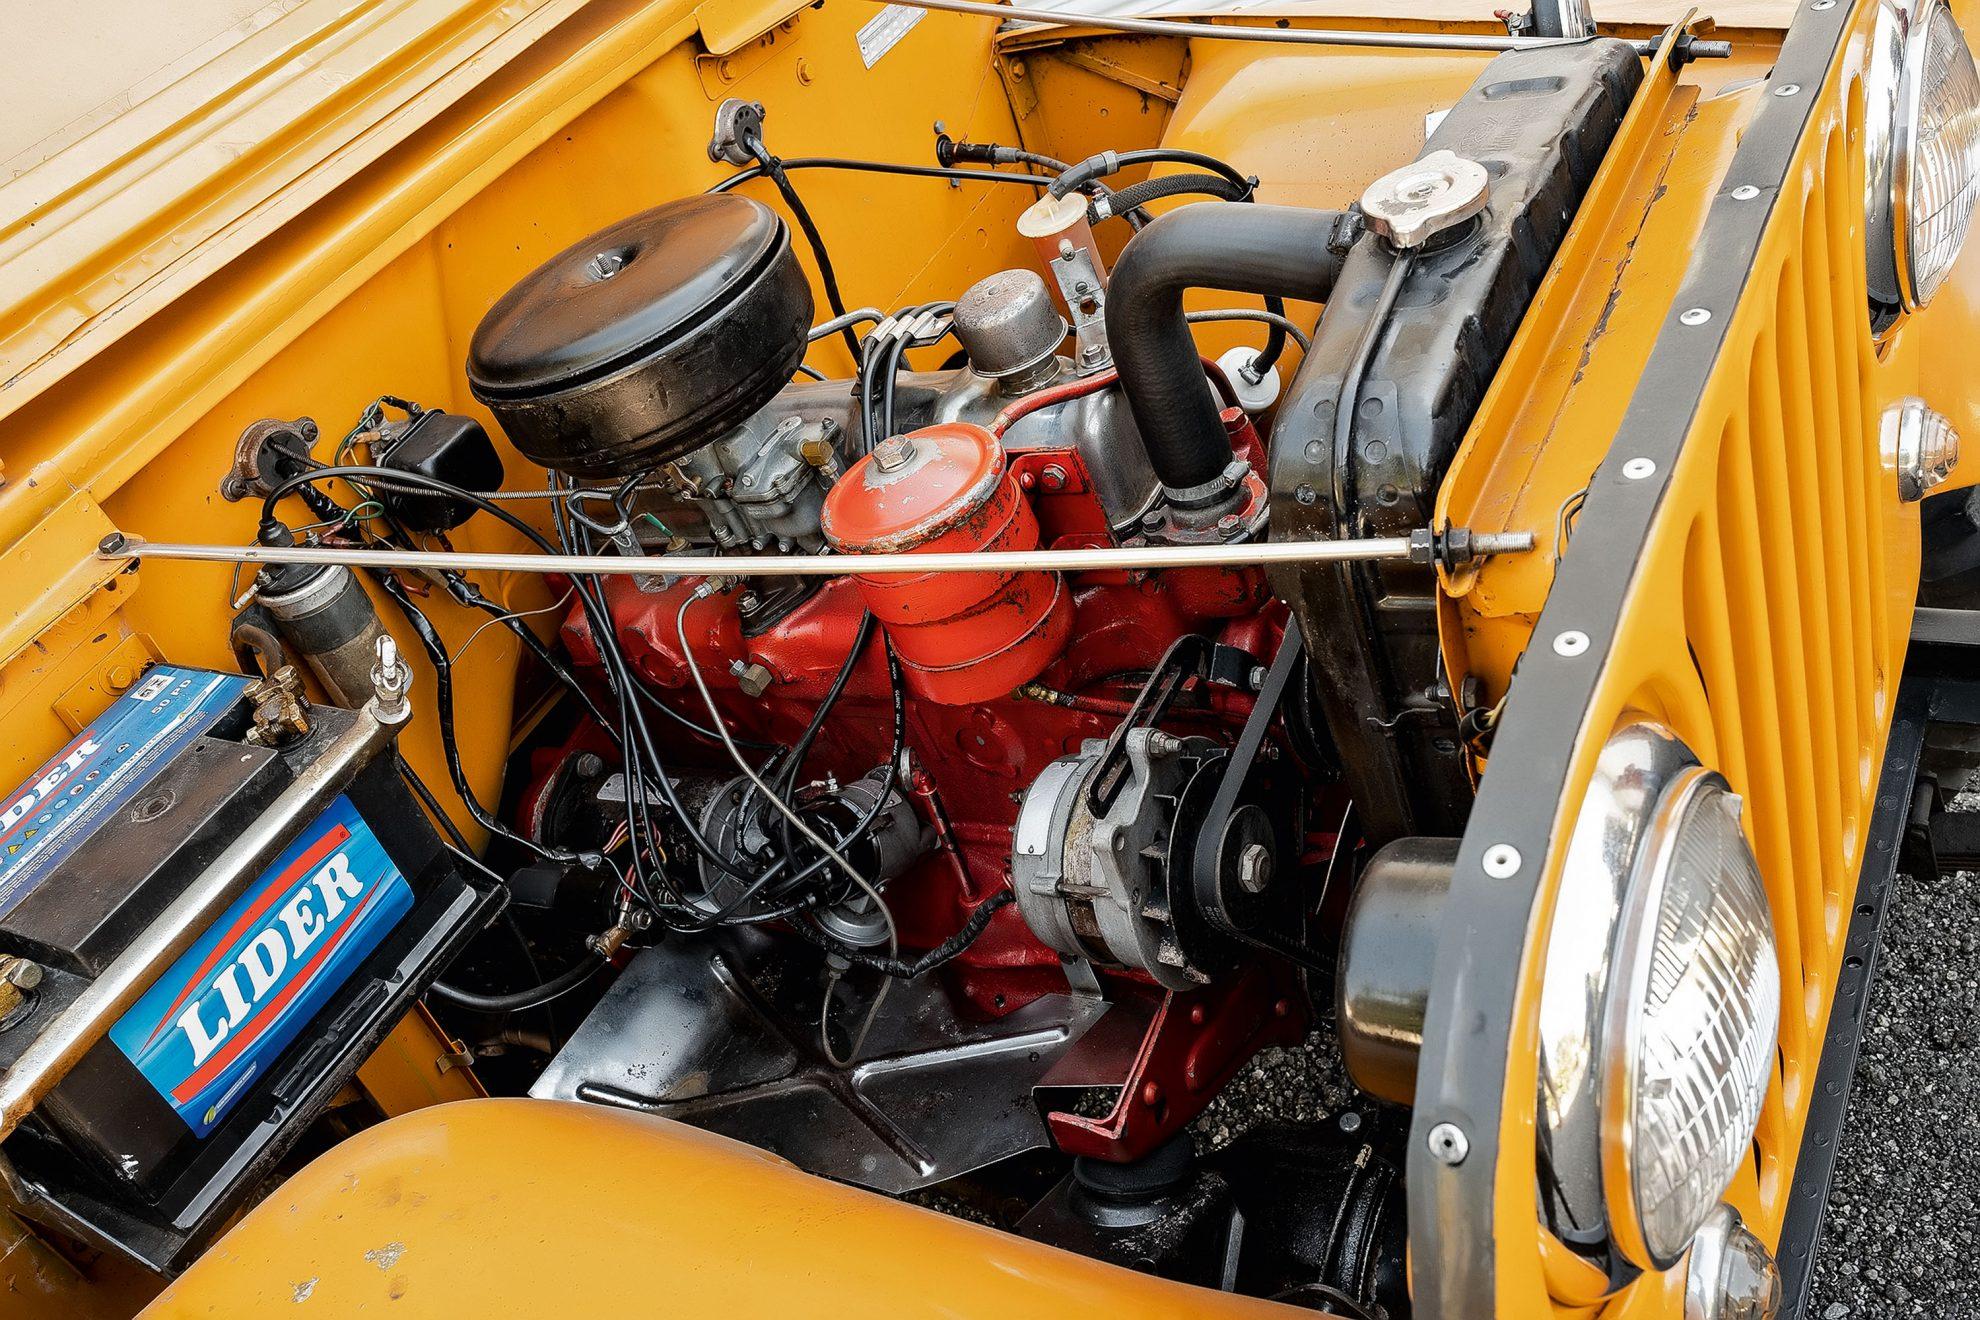 Motor de seis cilindros veio em 1958. Alavancas separadas para tração 4x4 e reduzida.